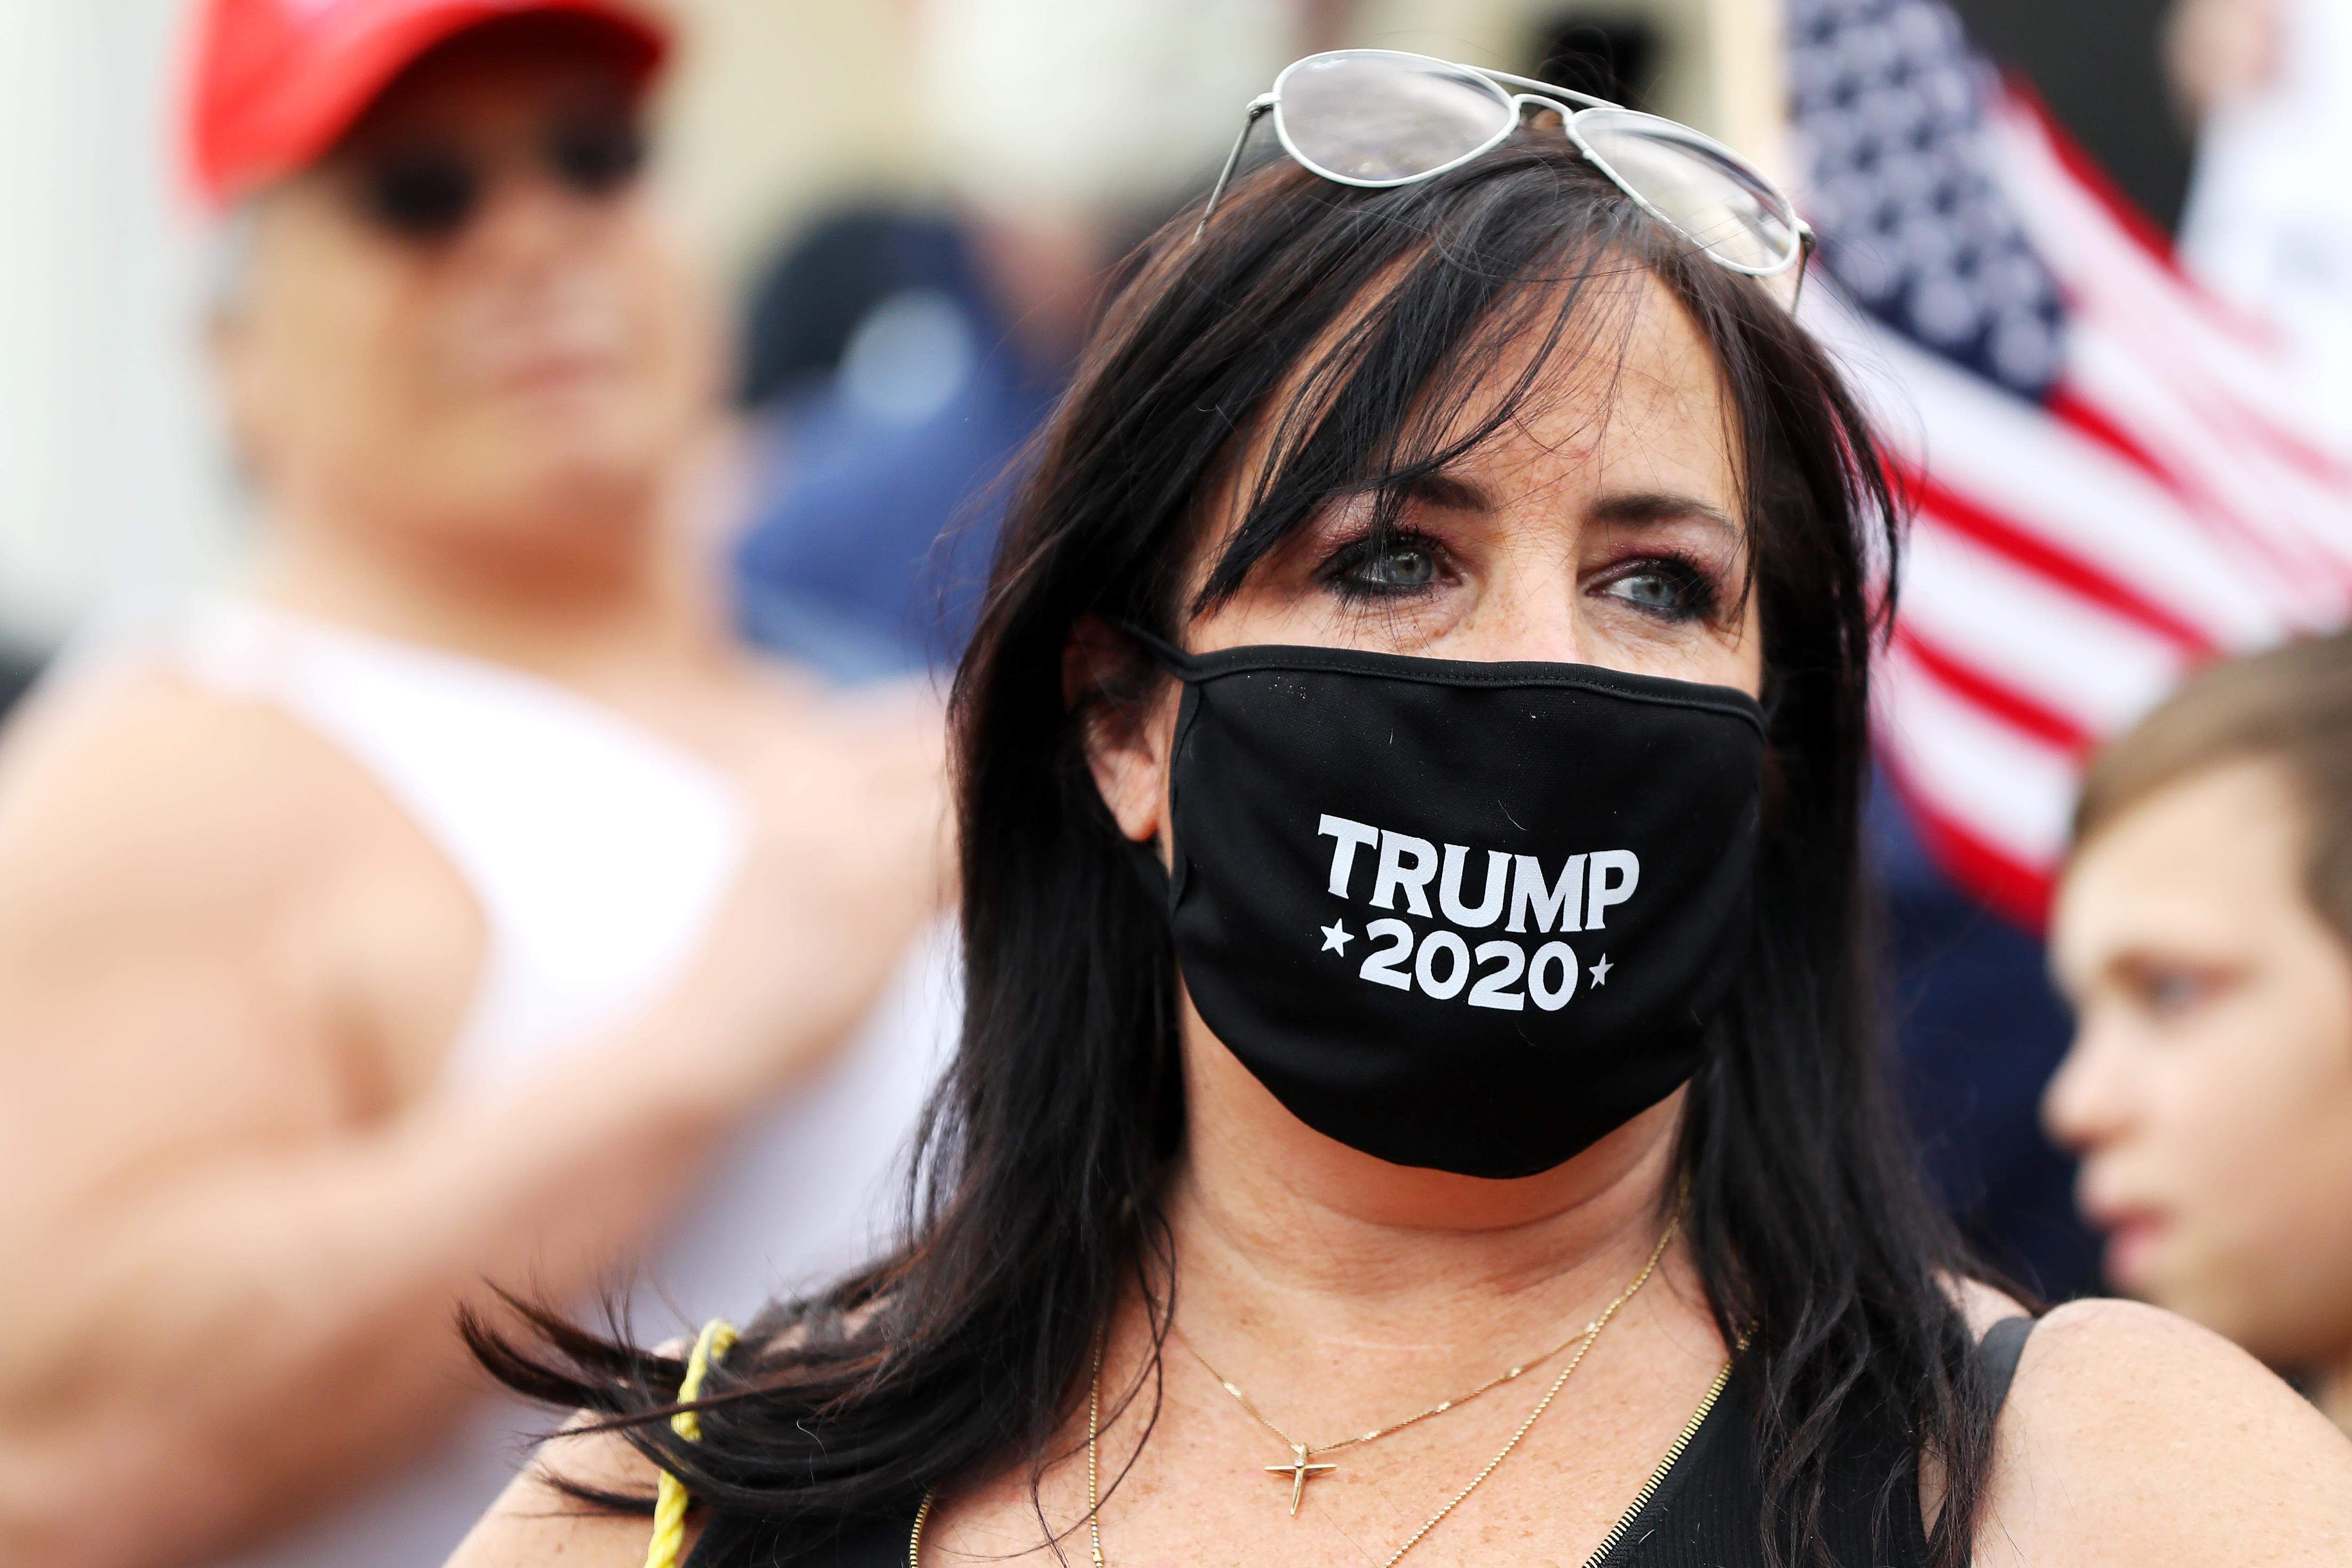 Coronavirus, le mascherine diventano slogan politici. FOTO